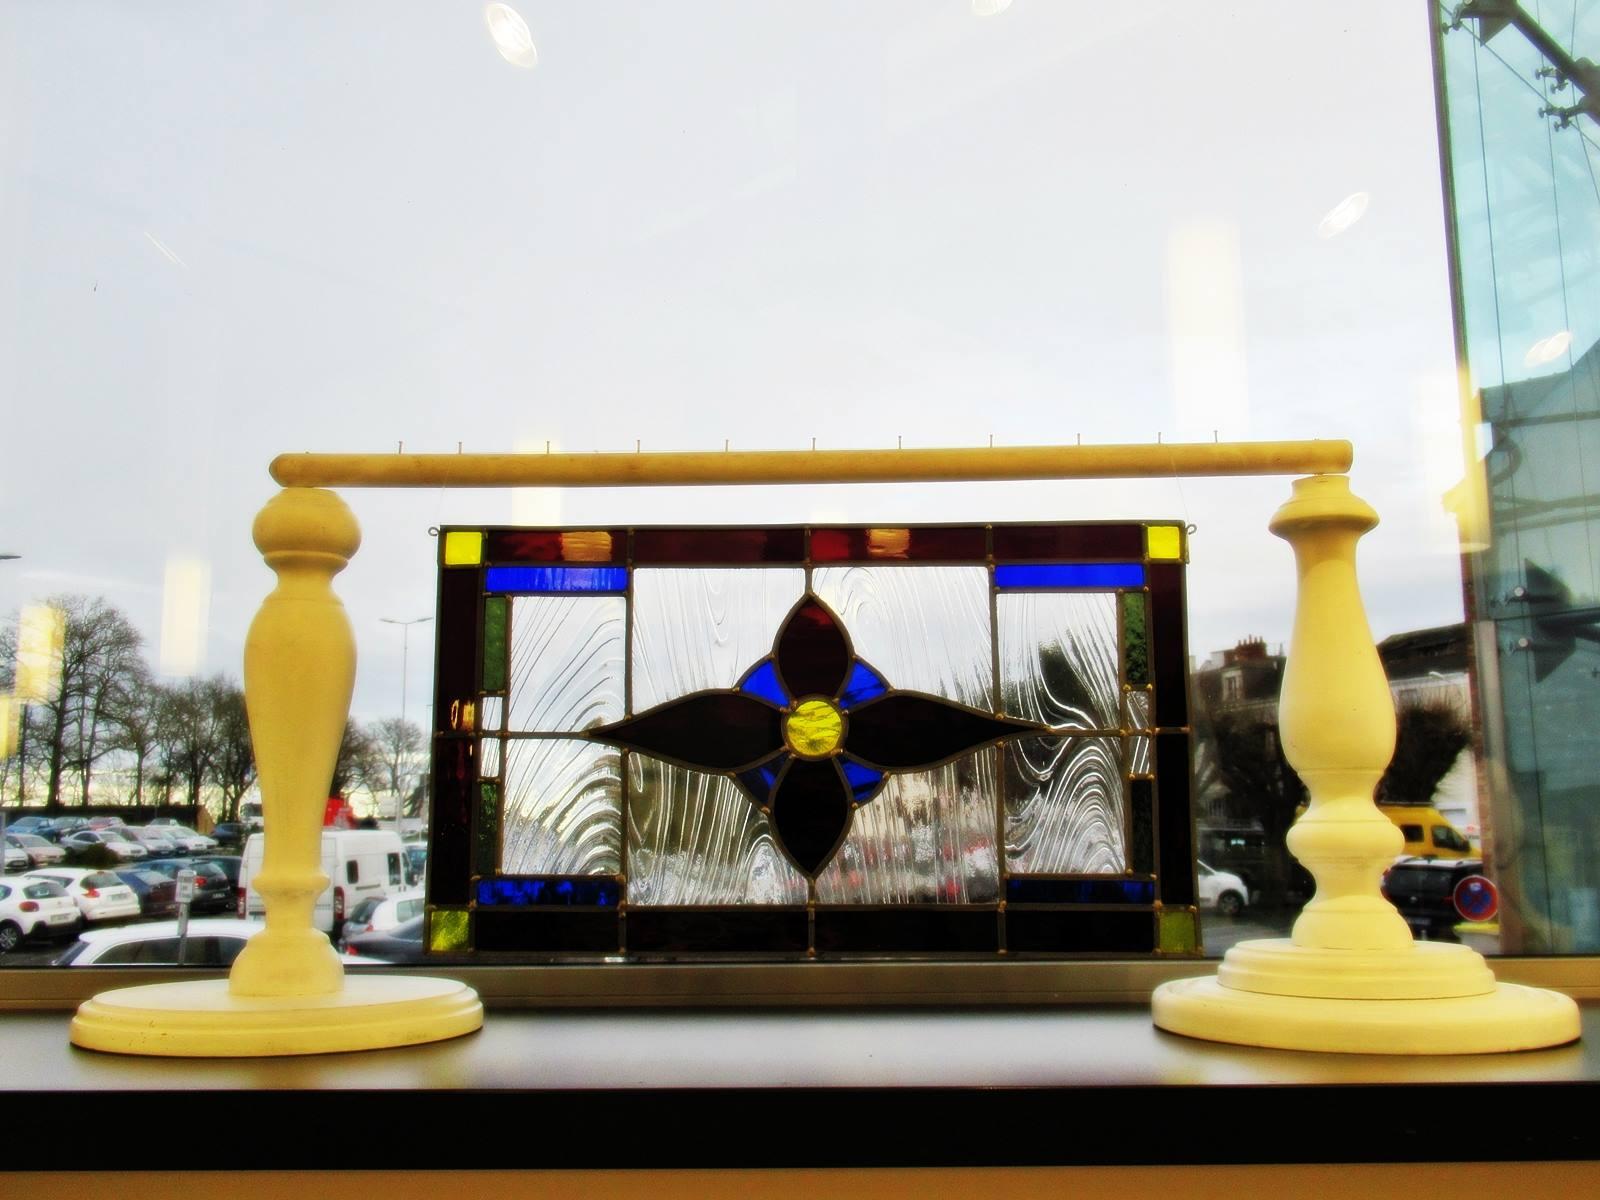 Exposition chateaubriant office de tourisme 3